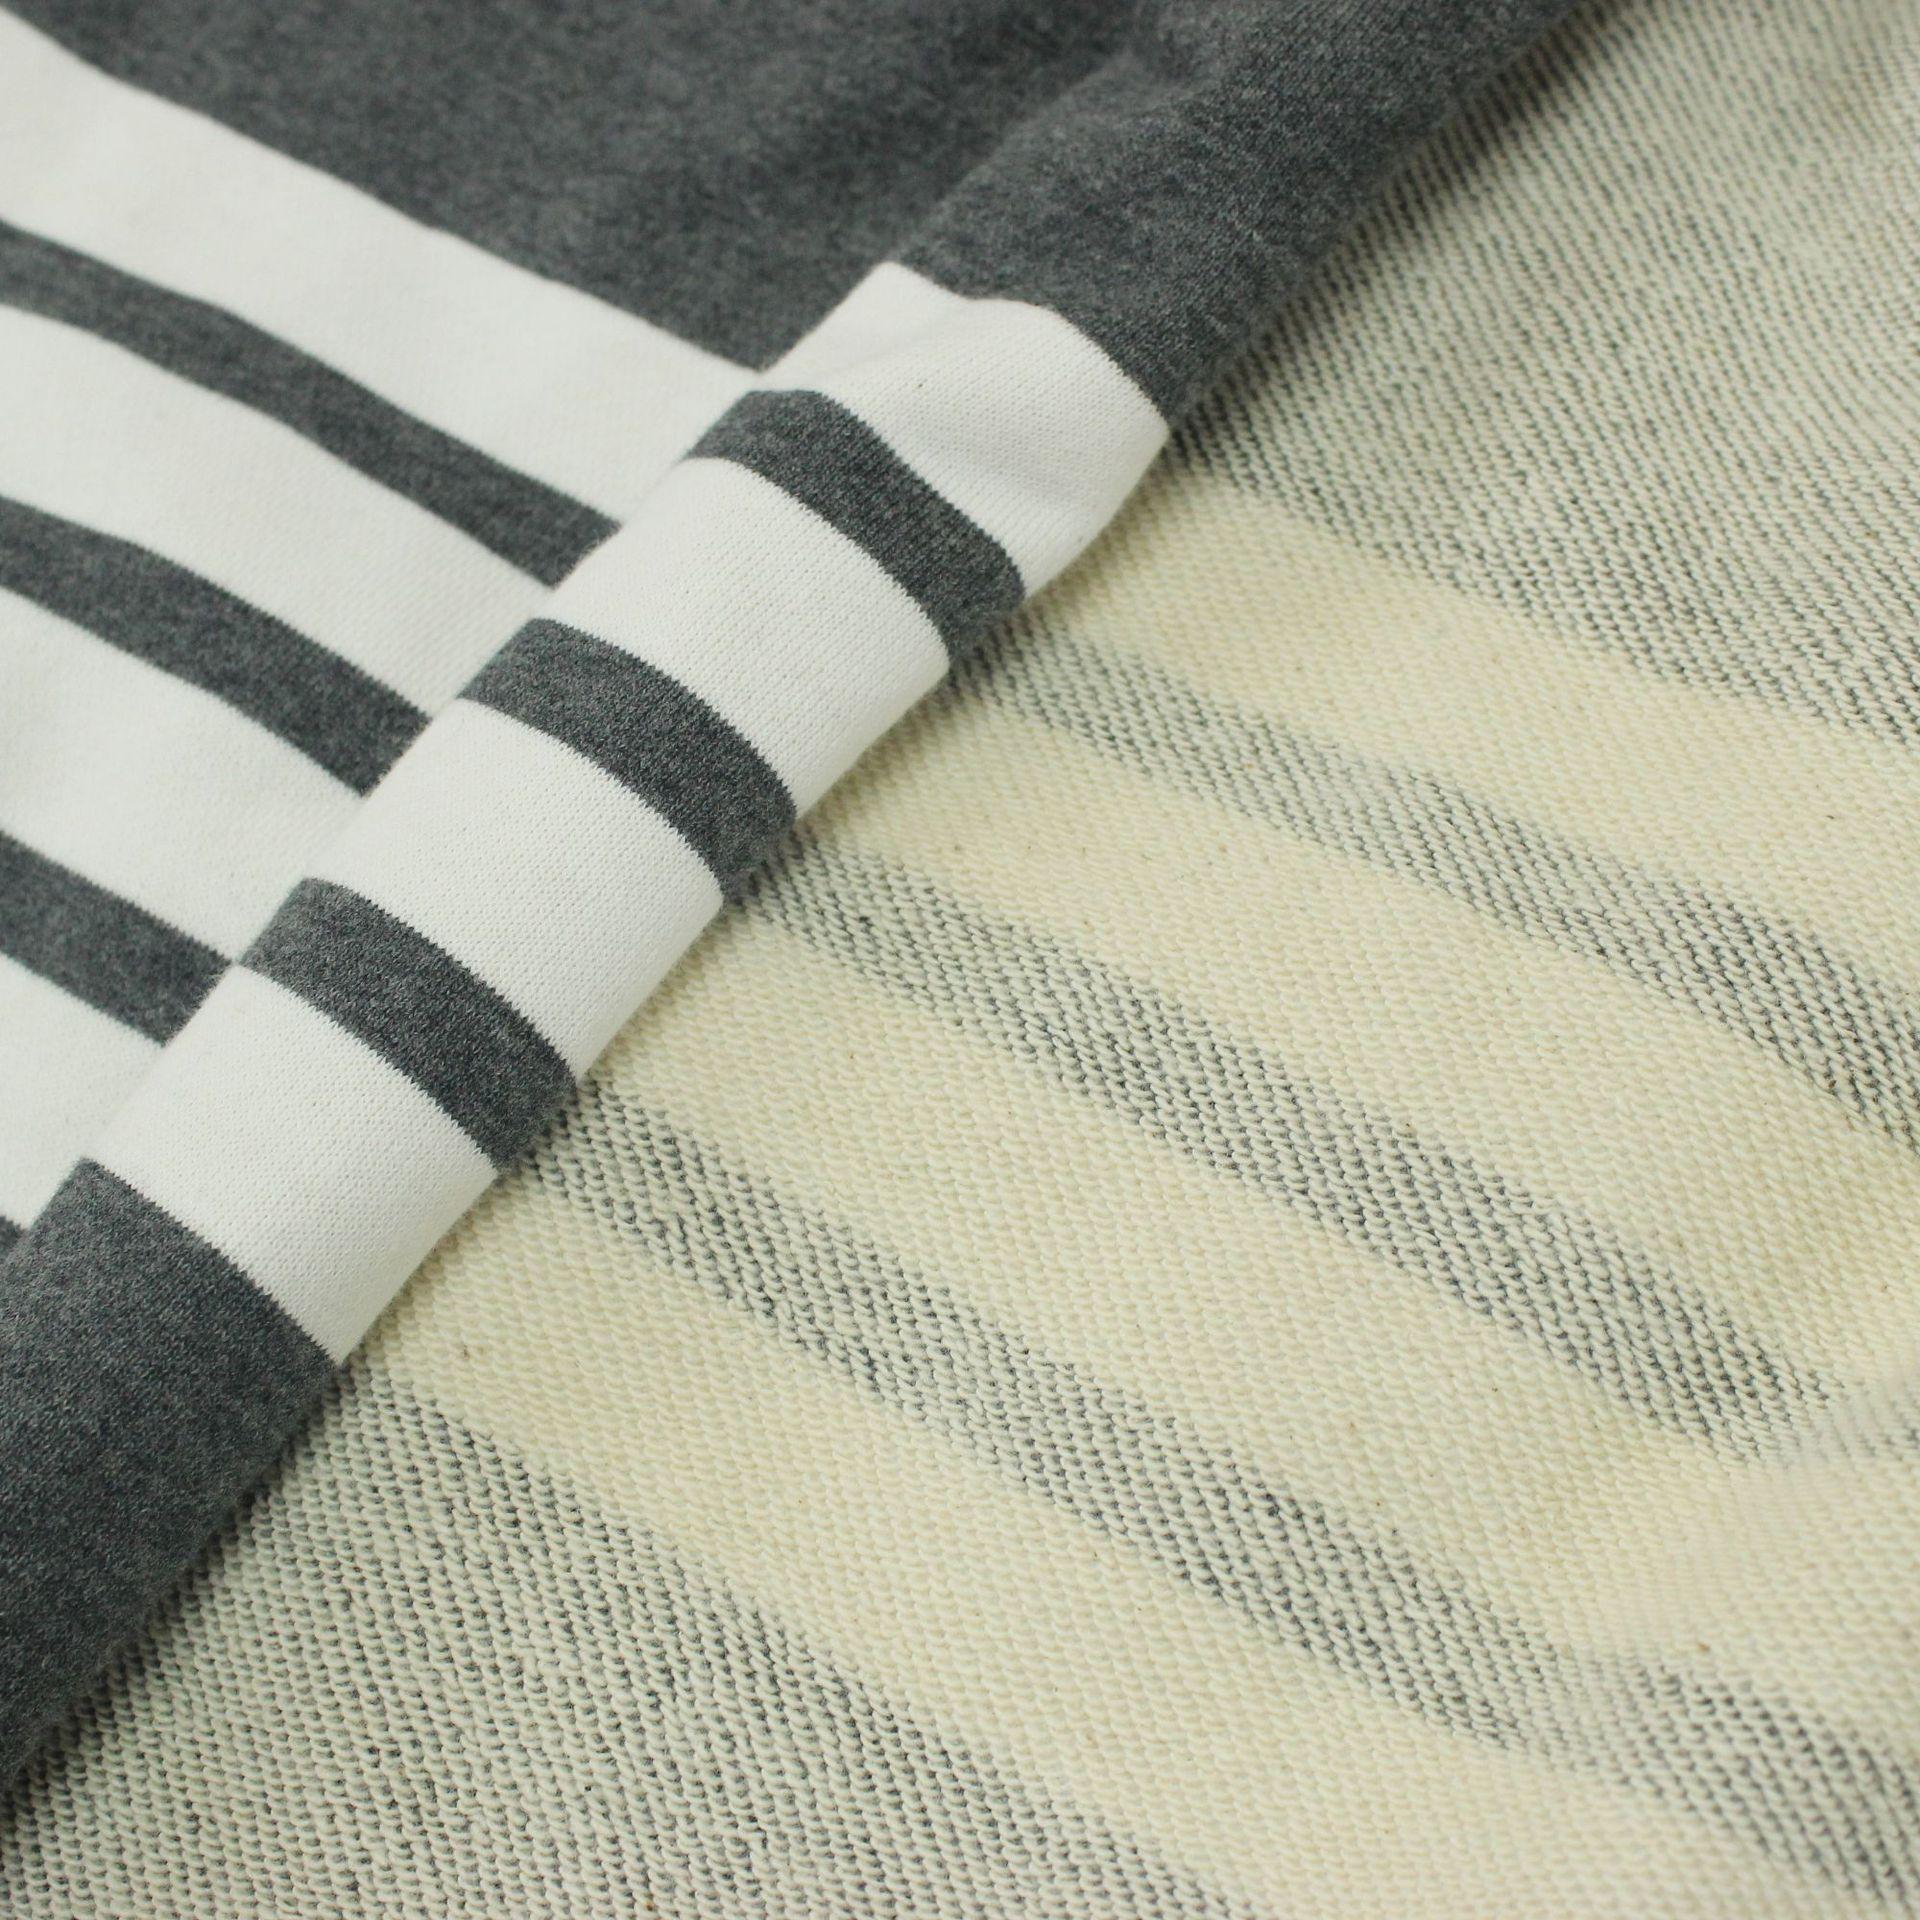 Vải French Terry (Vấy cá) Vải lanh tối màu xám bốn thanh vải len TB vải terry 360 g vải len mùa thu